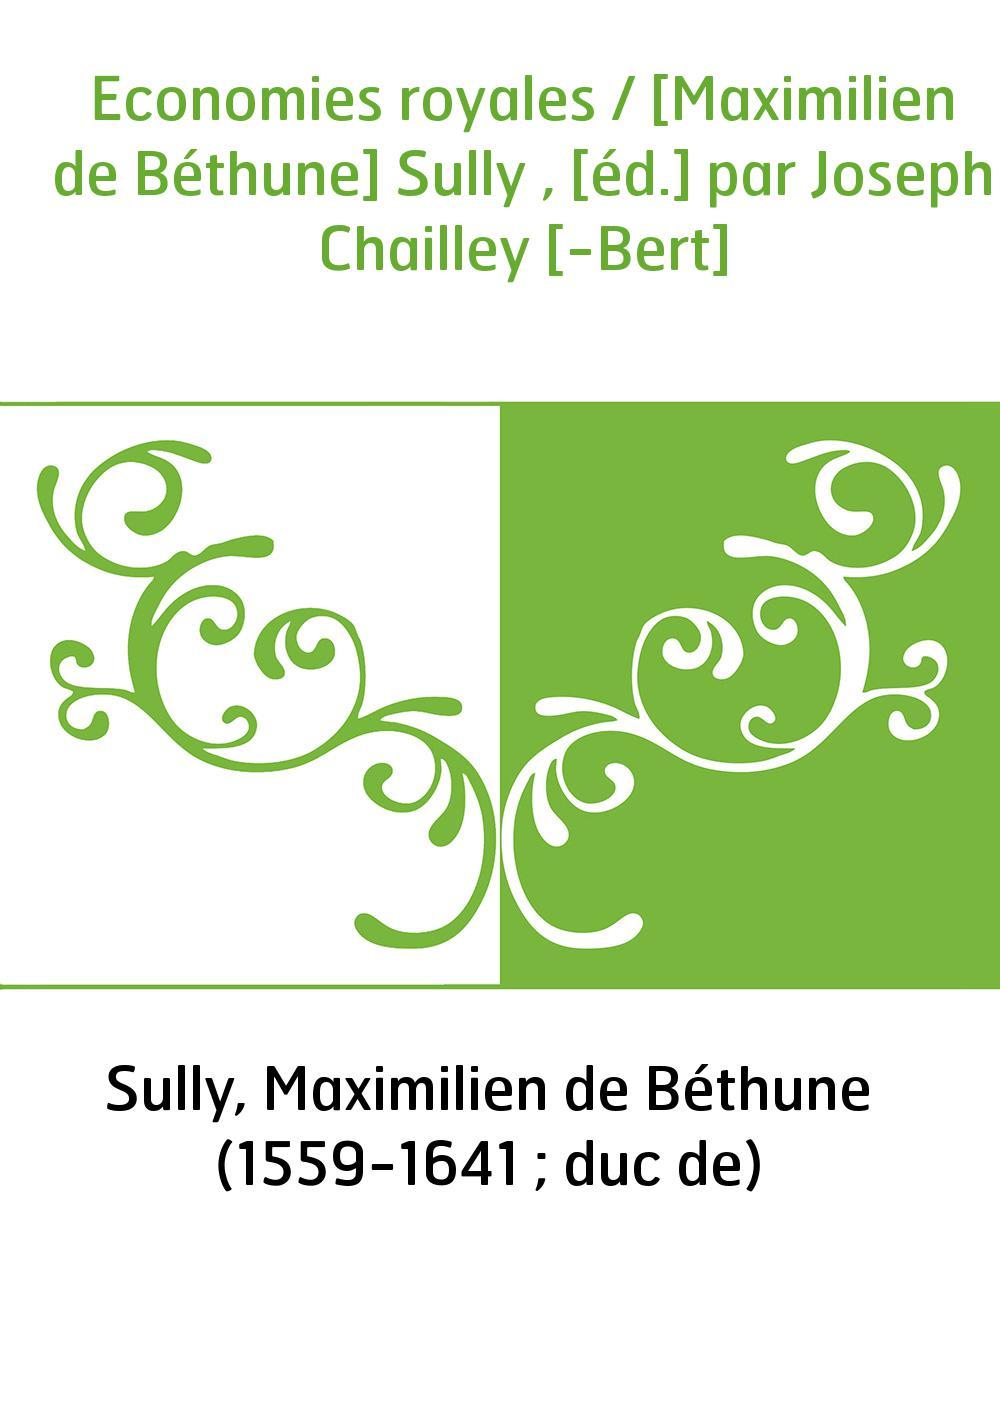 Economies royales / [Maximilien de Béthune] Sully , [éd.] par Joseph Chailley [-Bert]